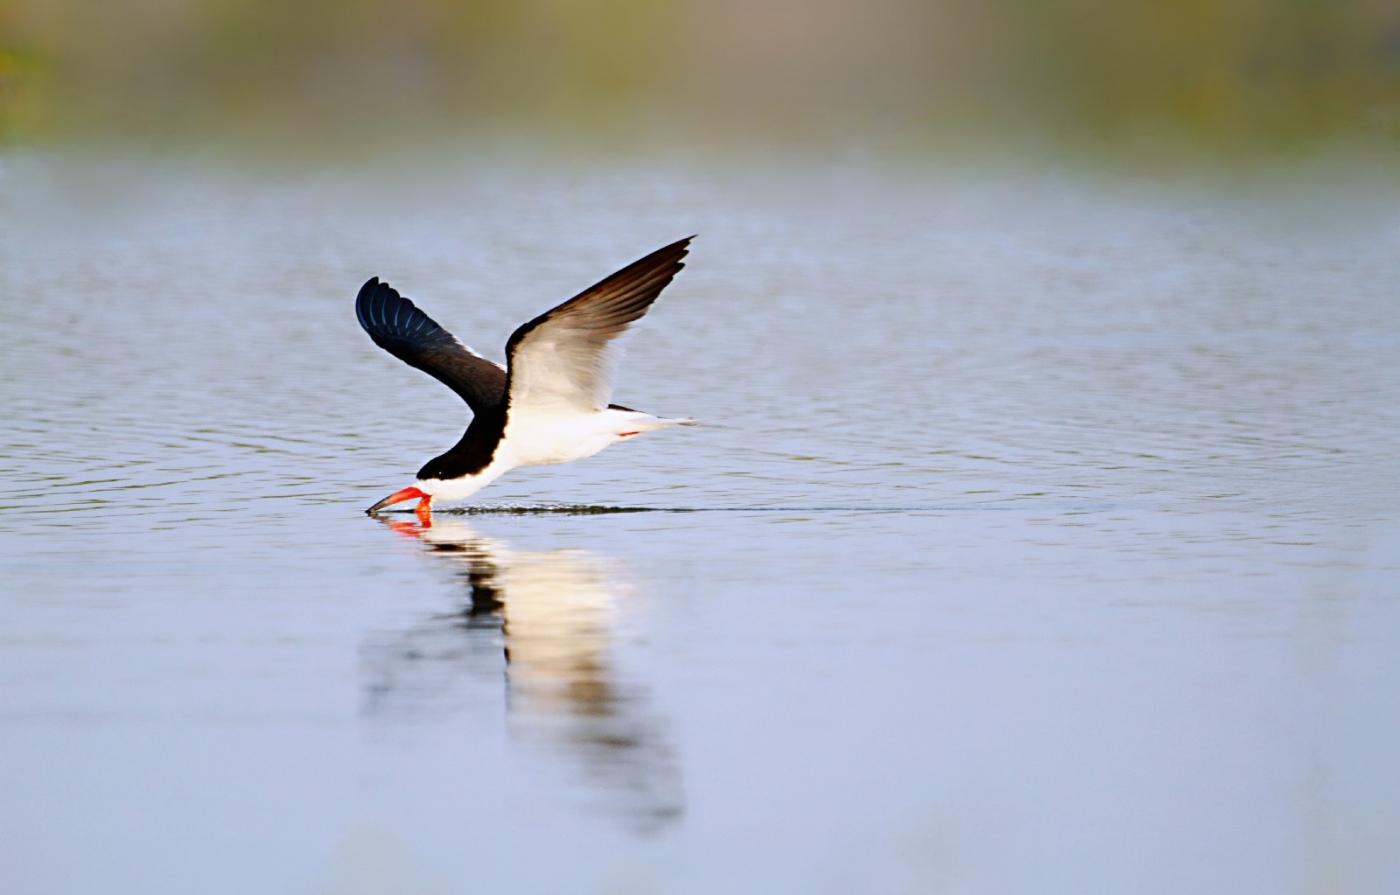 【田螺摄影】海鸟玩水剪嘴鸥最漂亮_图1-12